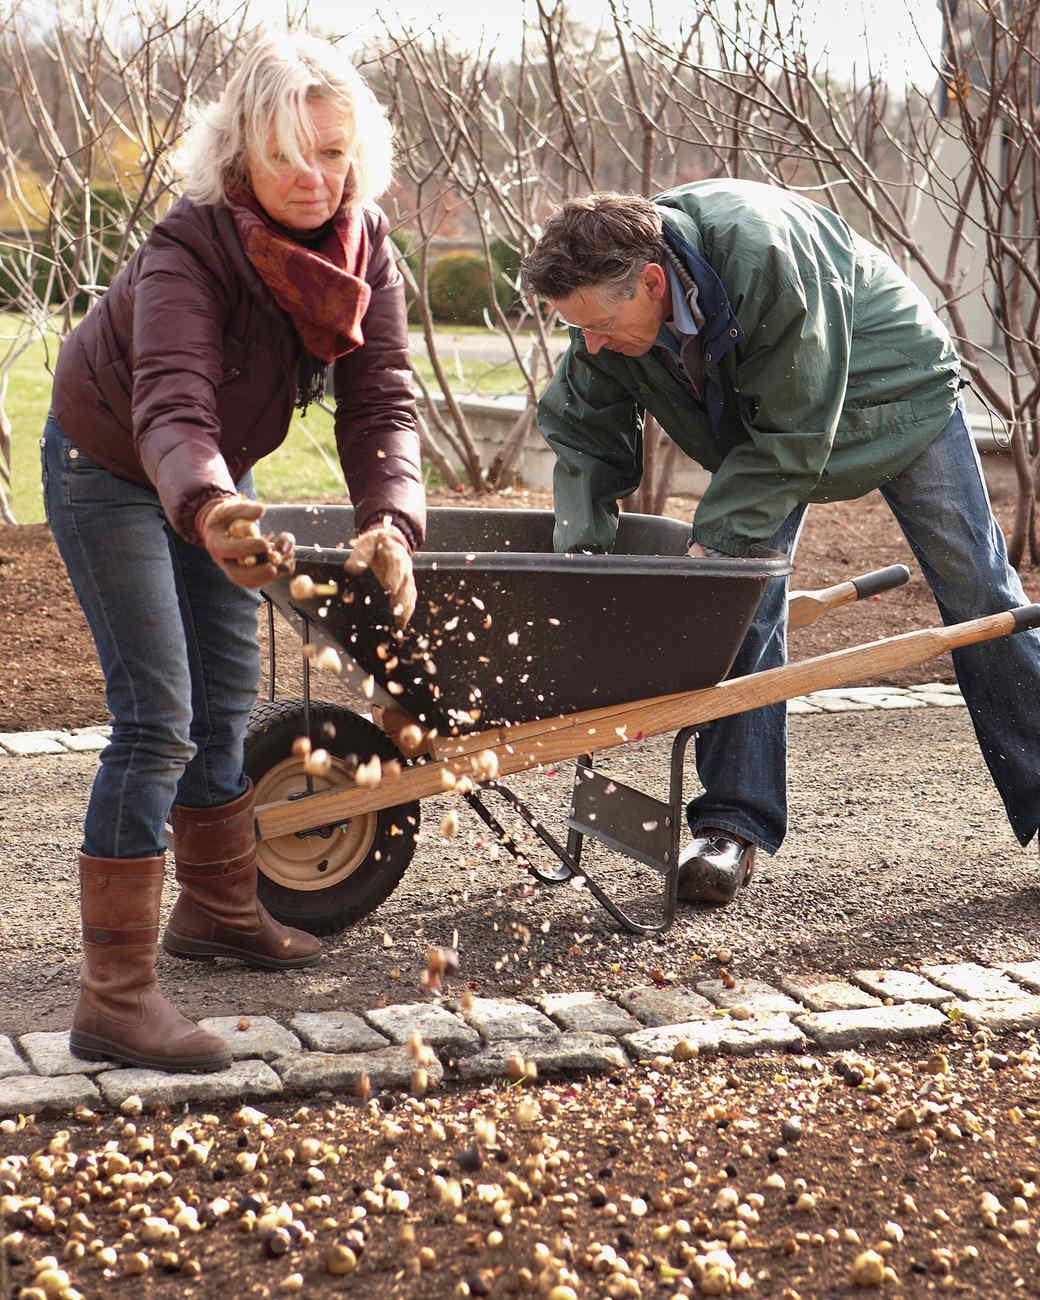 sowing-bulbs-0911-mld106916.jpg